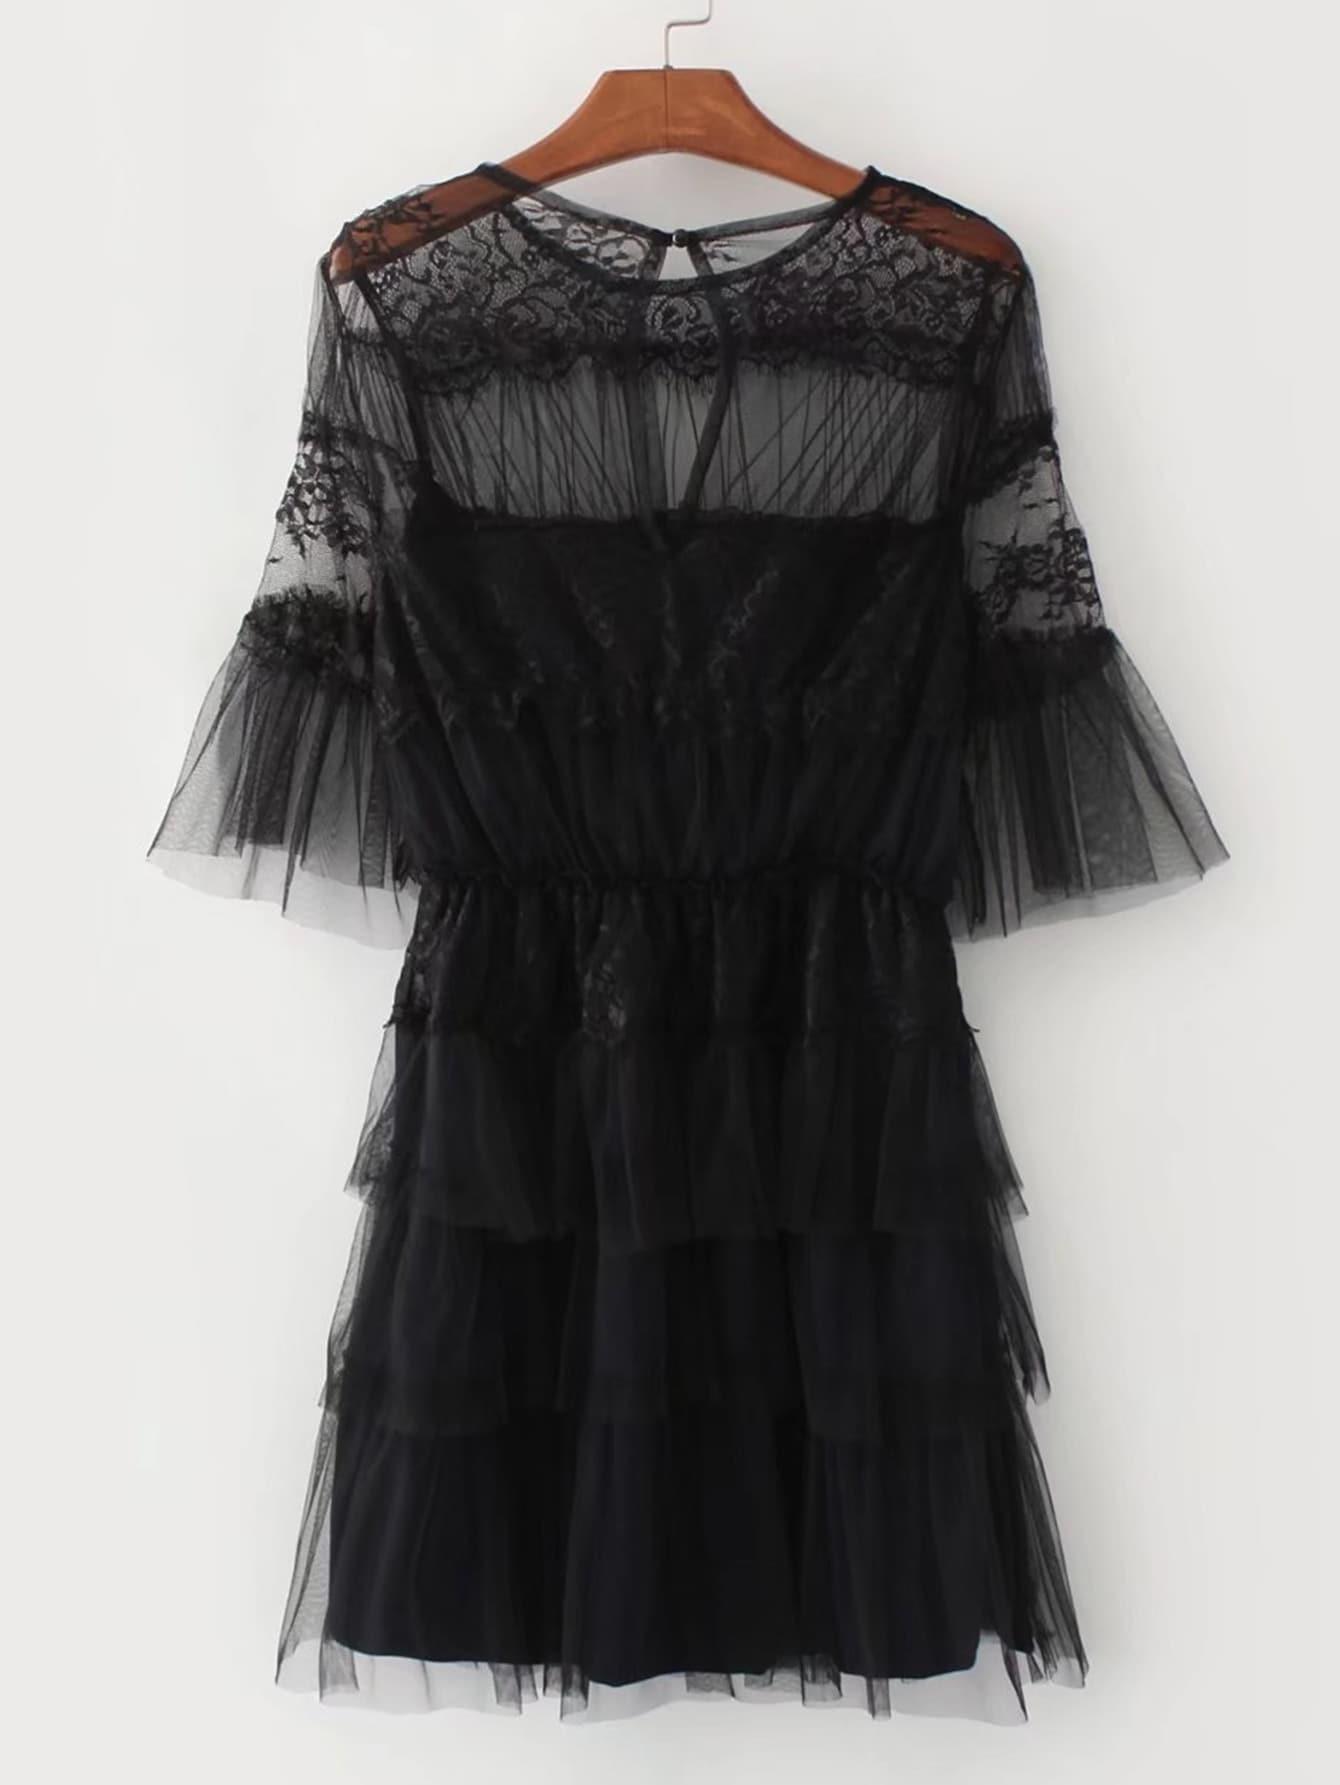 dress170515202_2